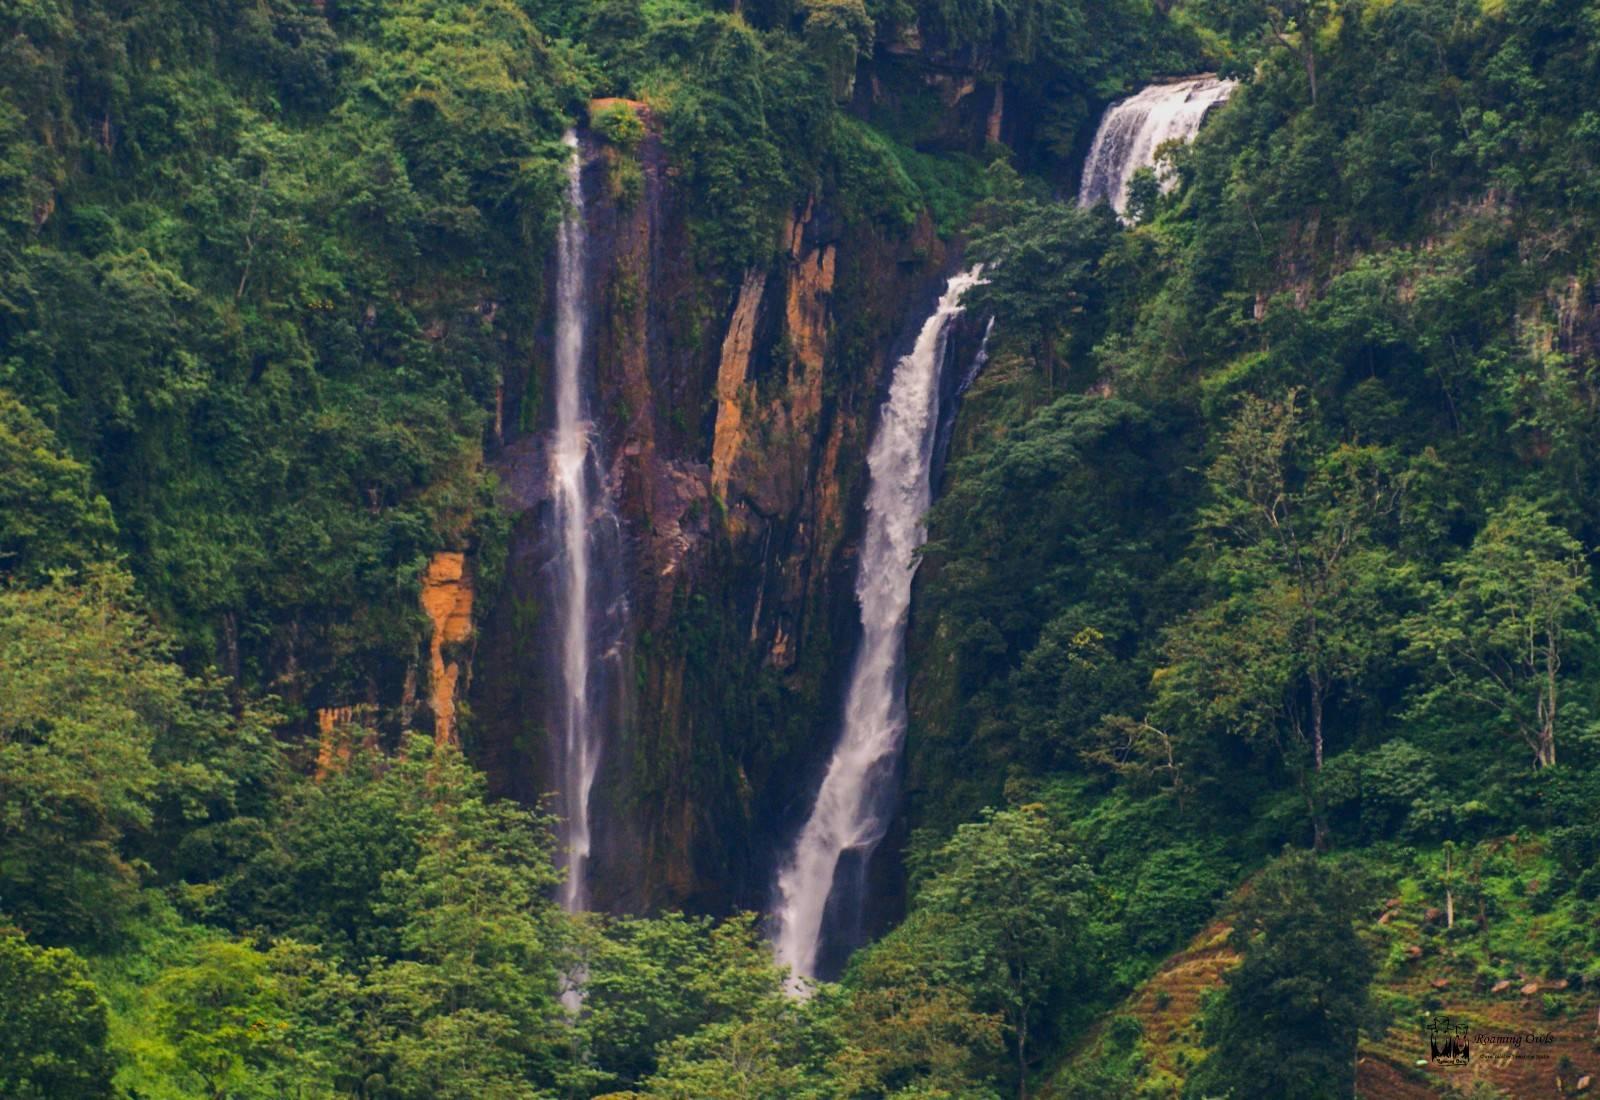 srilanka,unknown falls,hidden falls,roadside falls